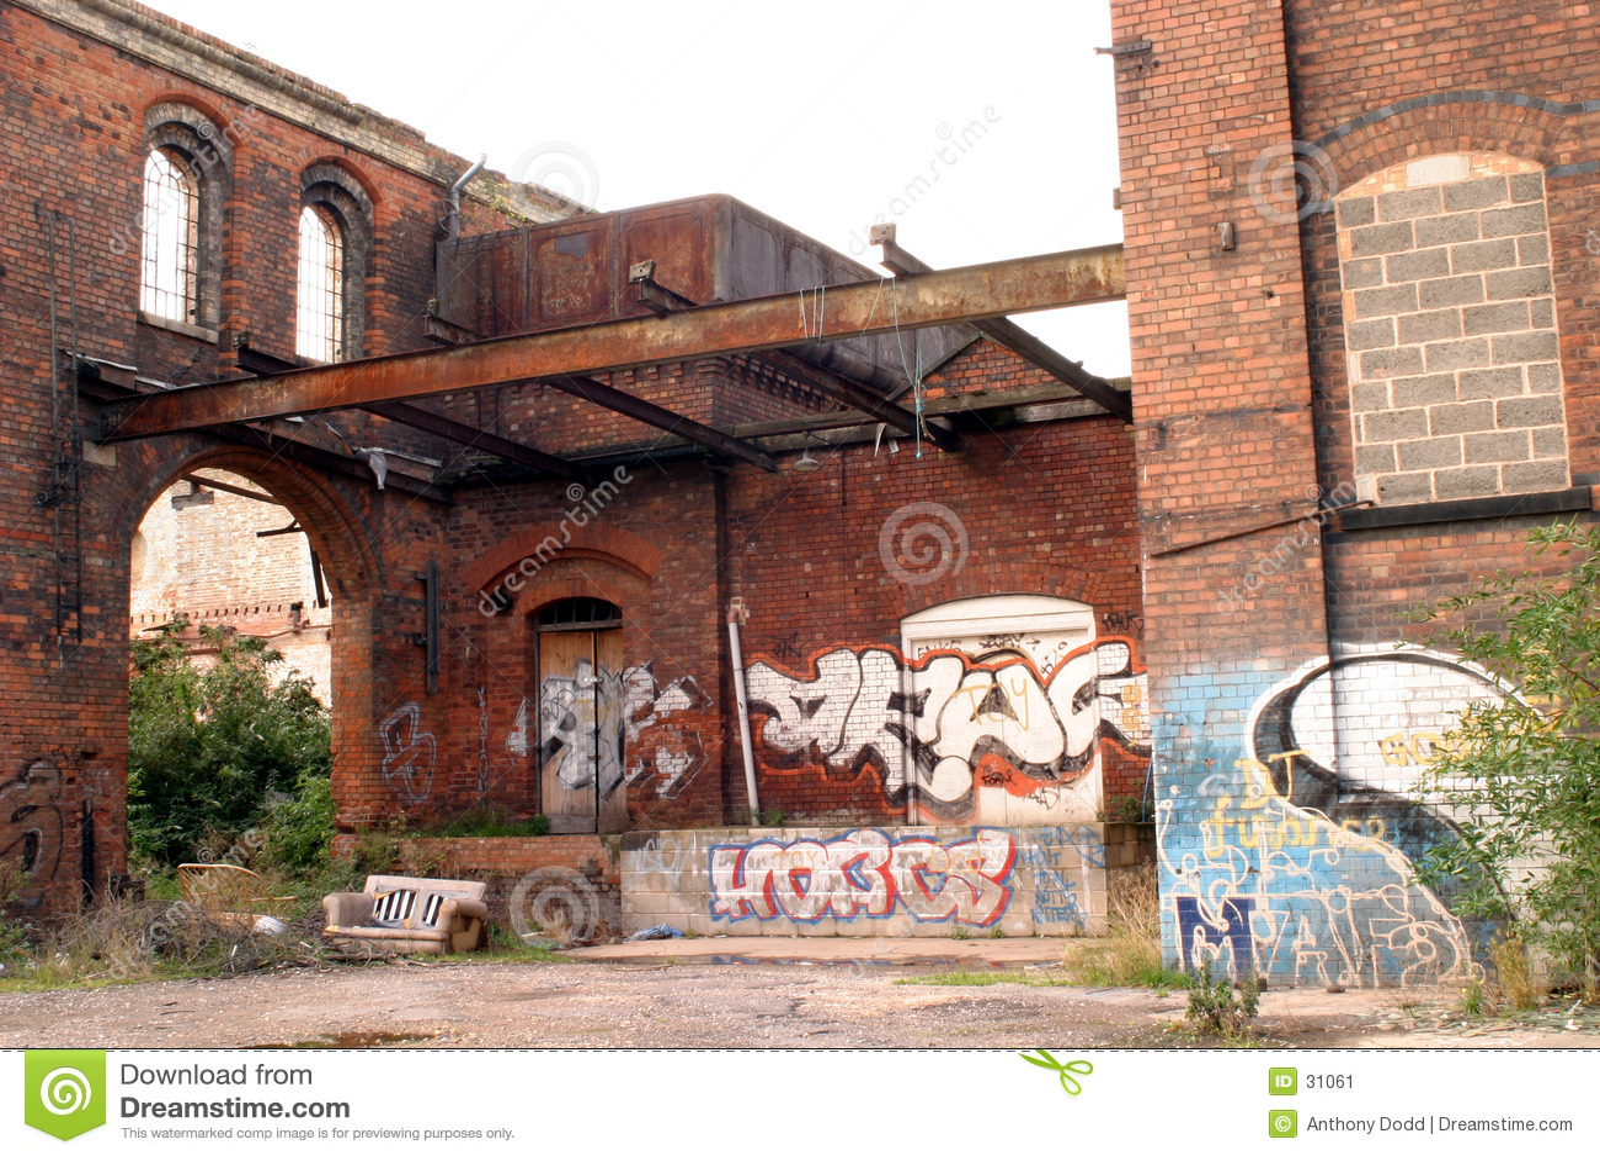 Industrial Gangland